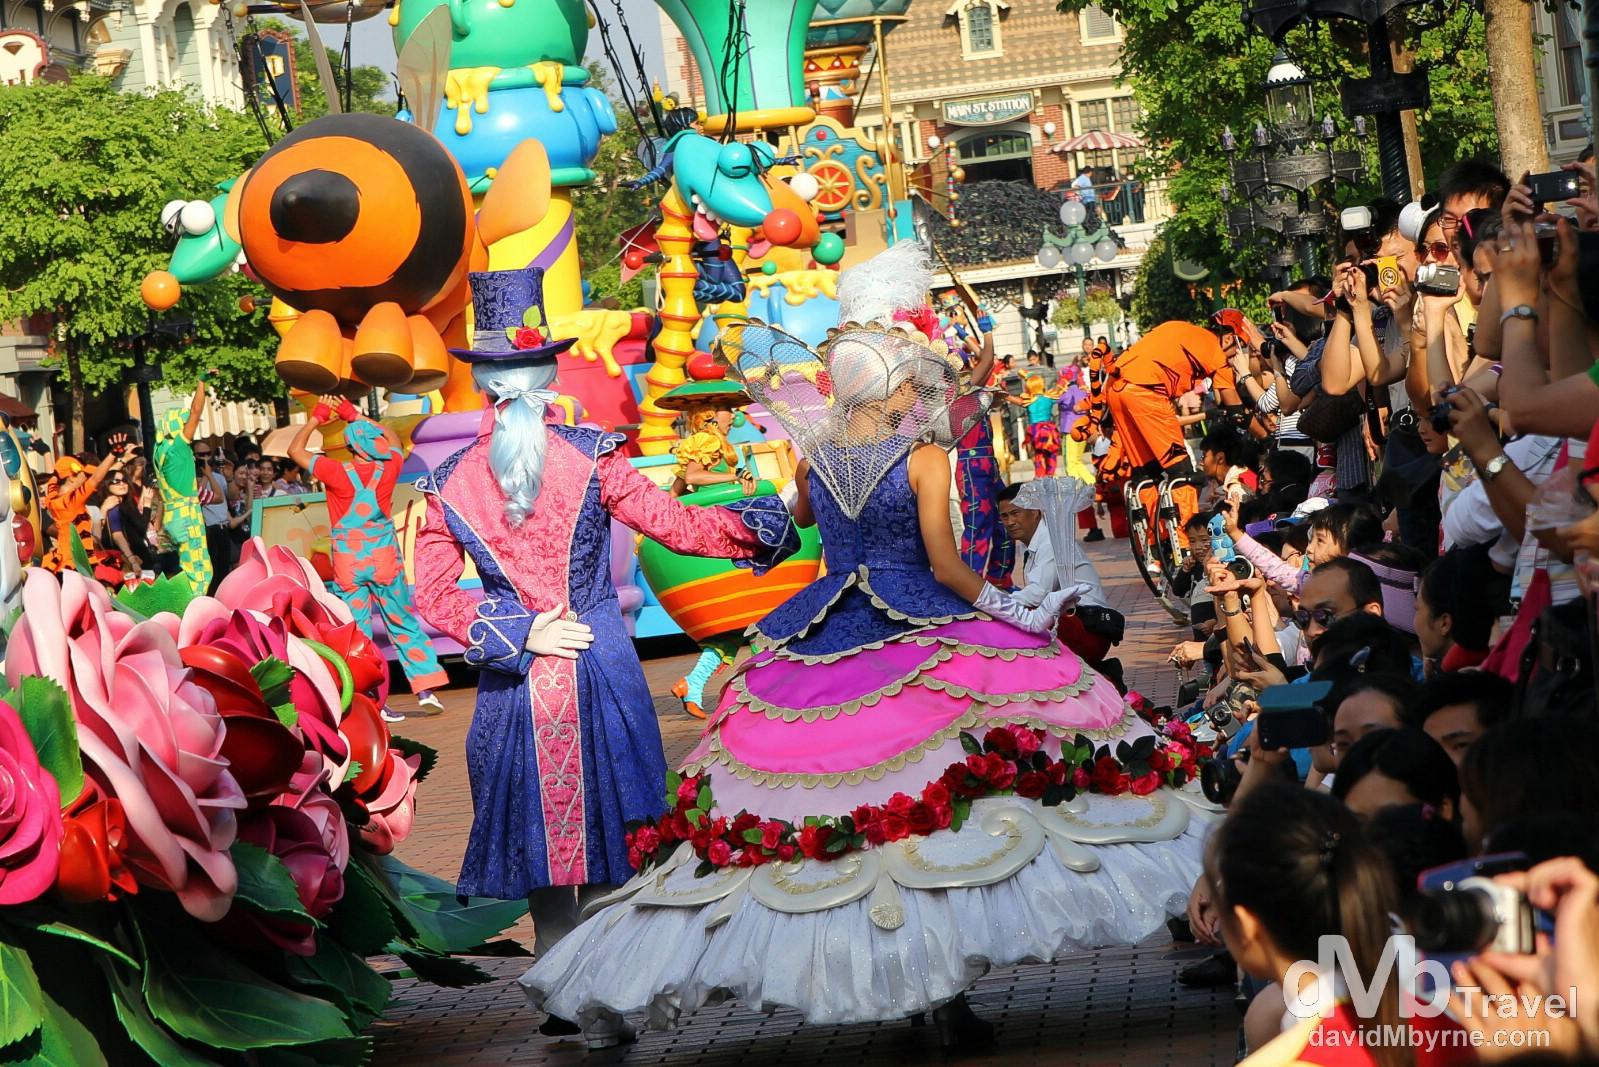 People enjoying the daily character parade at Disneyland Hong Kong. October 19th 2012.